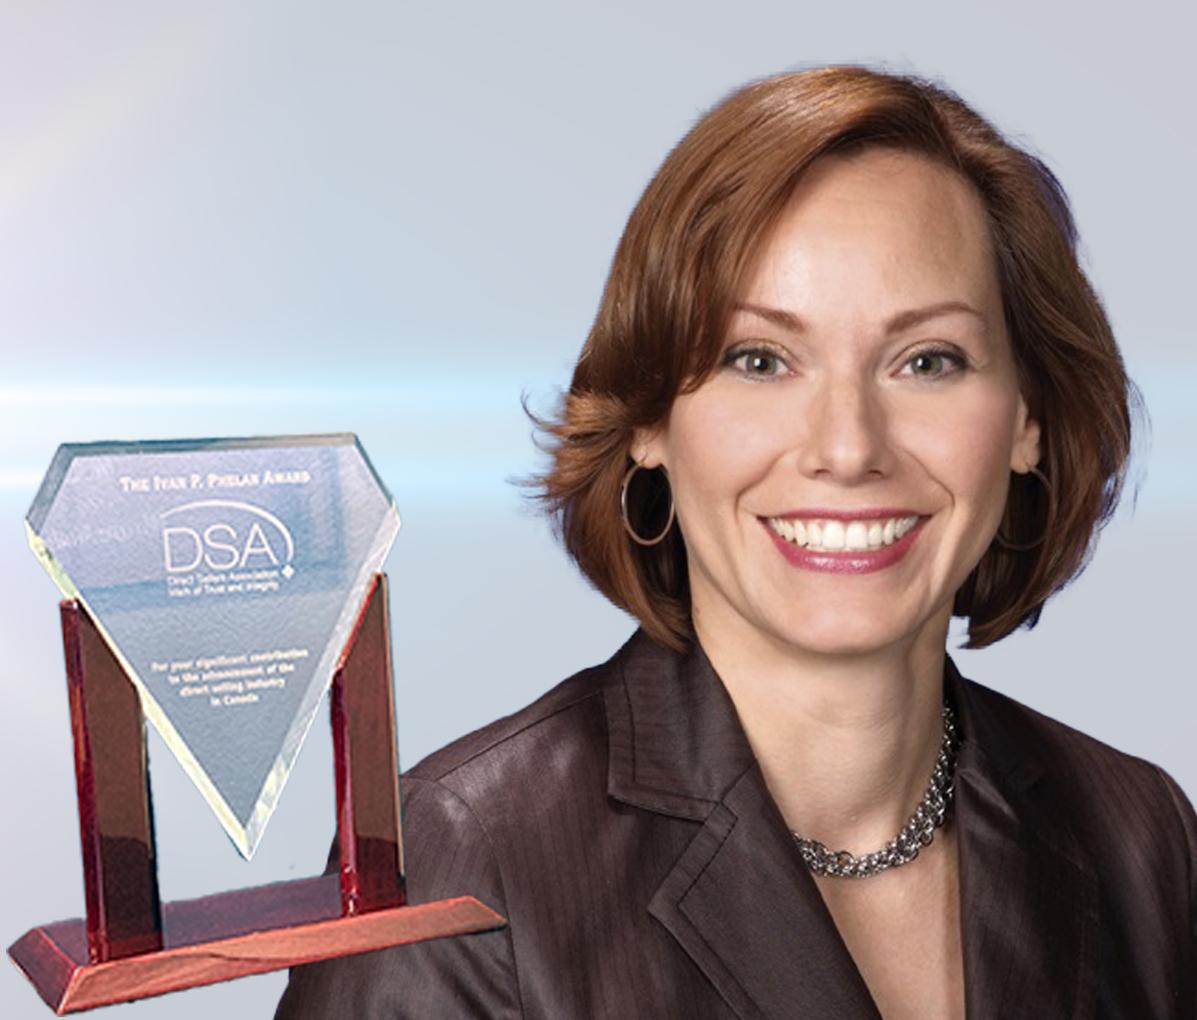 Awards IPA web